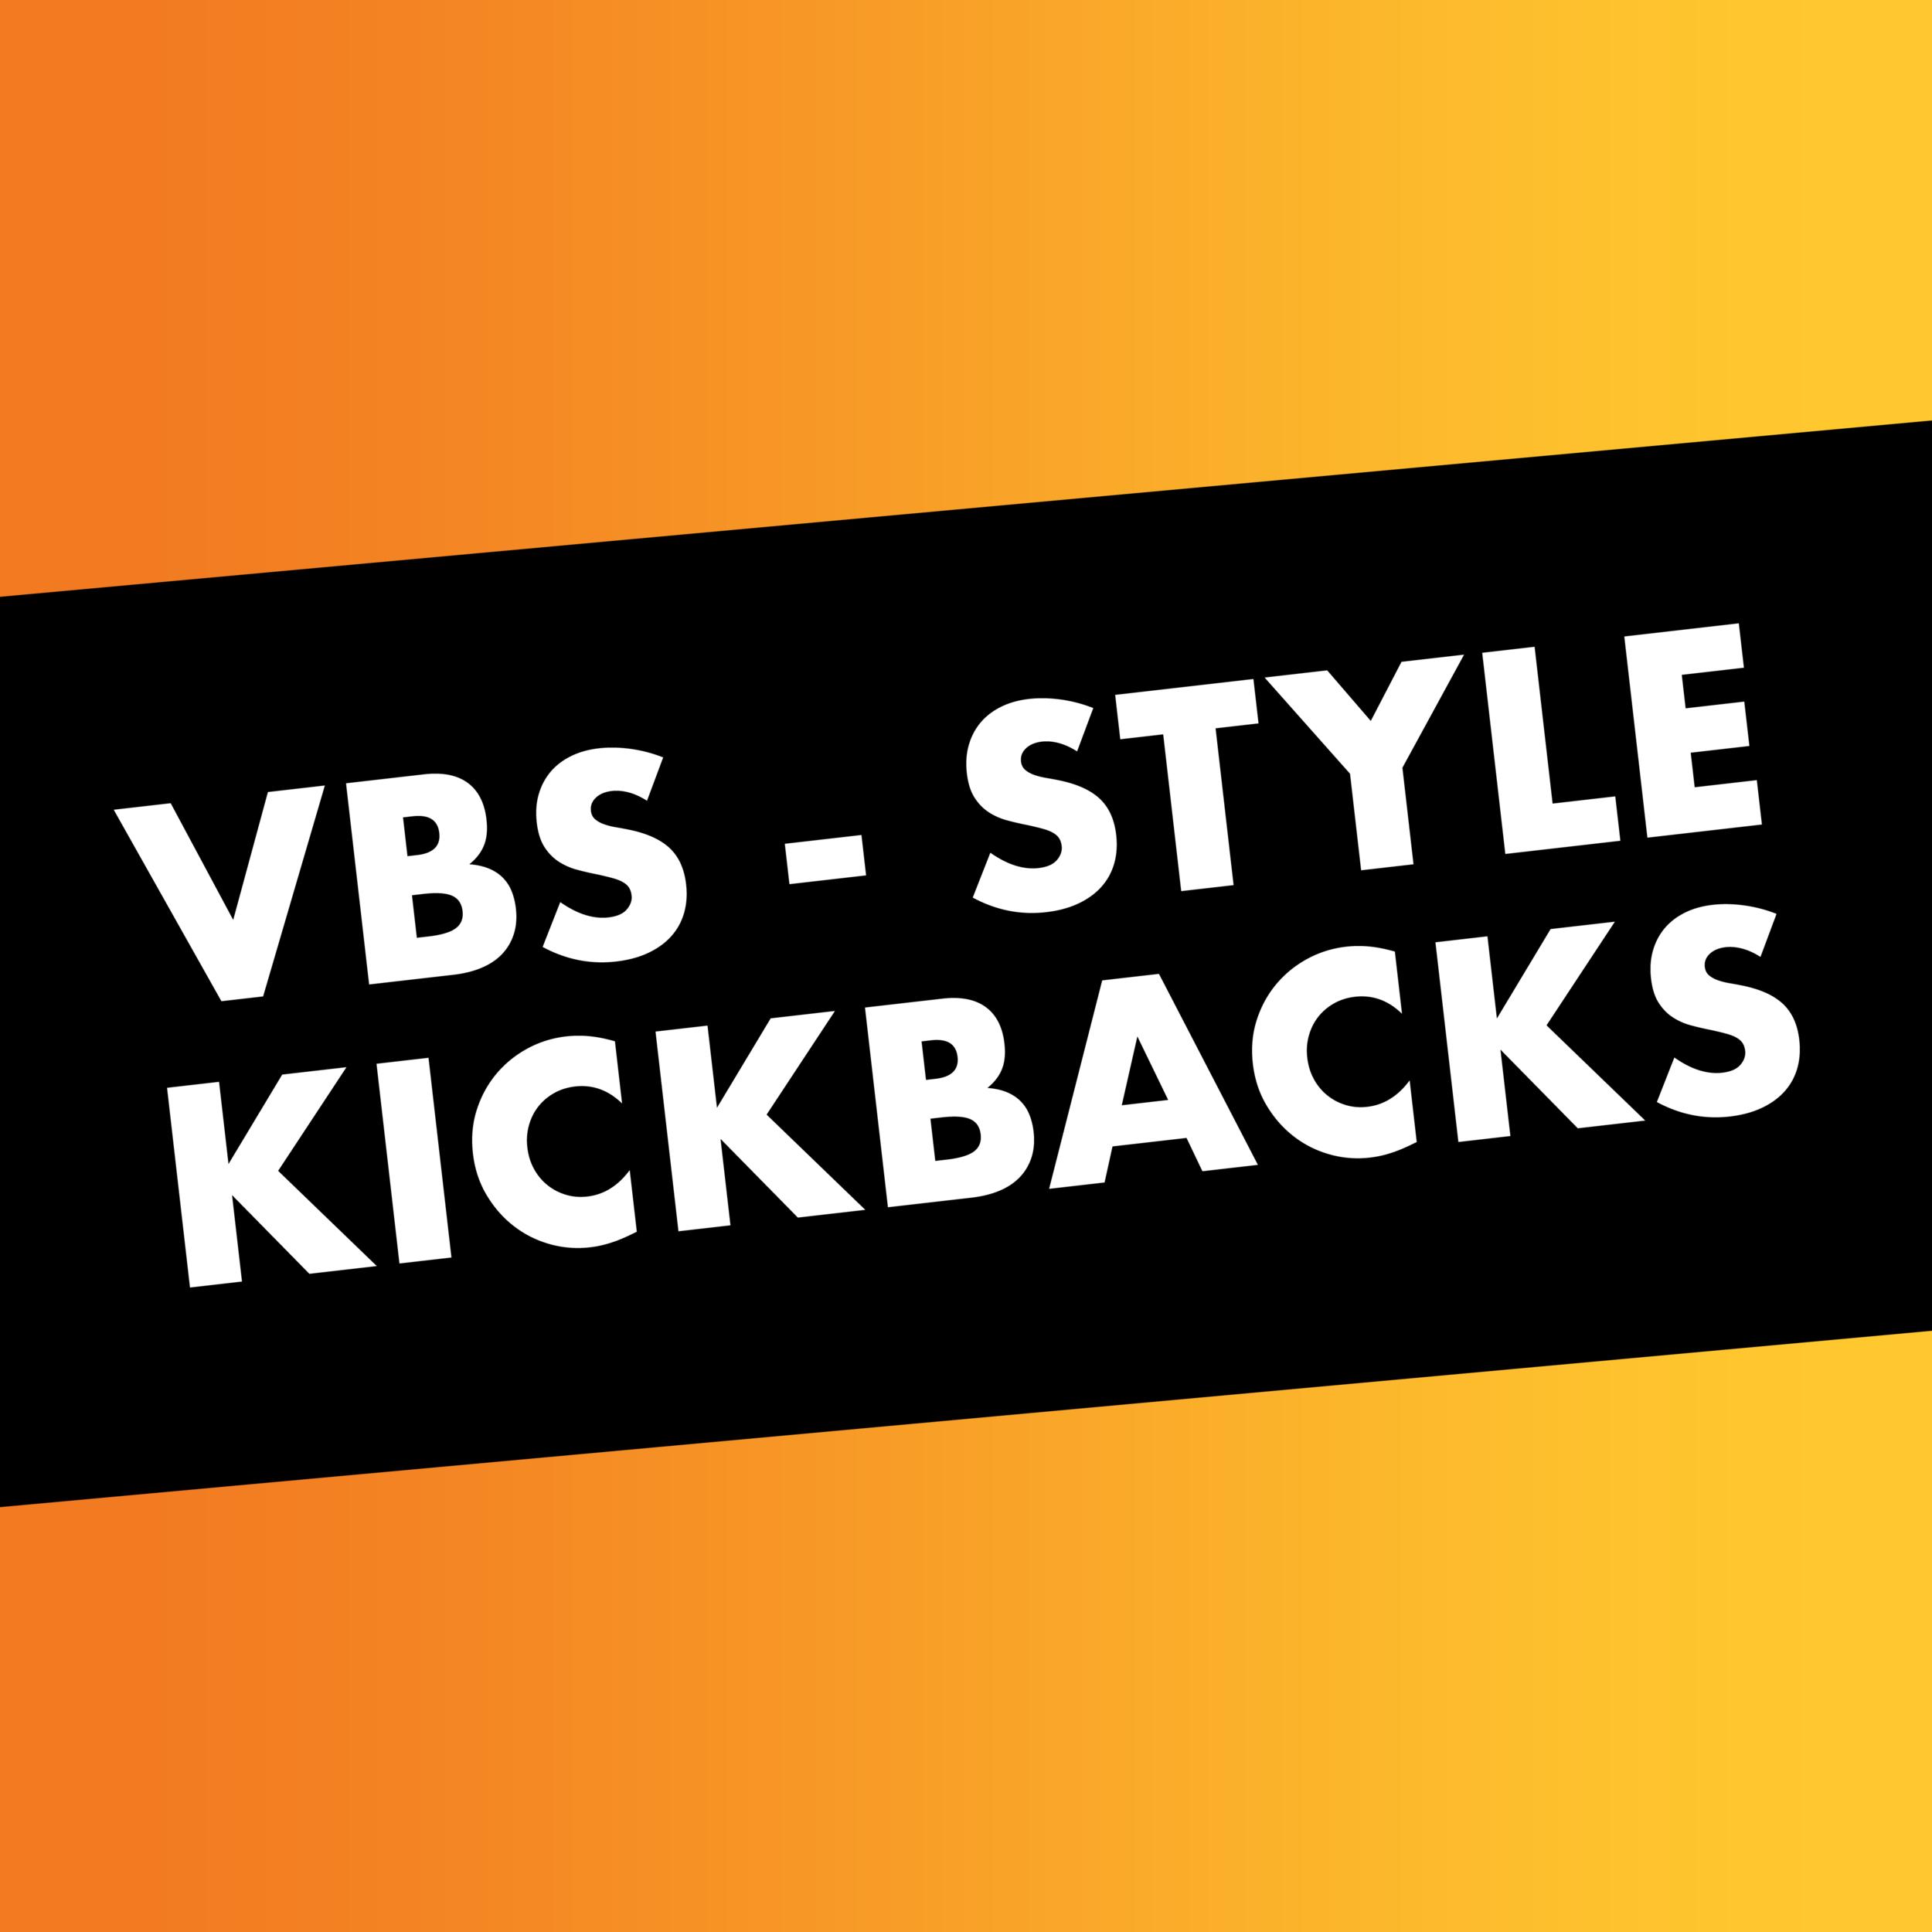 Kick backs-35.png